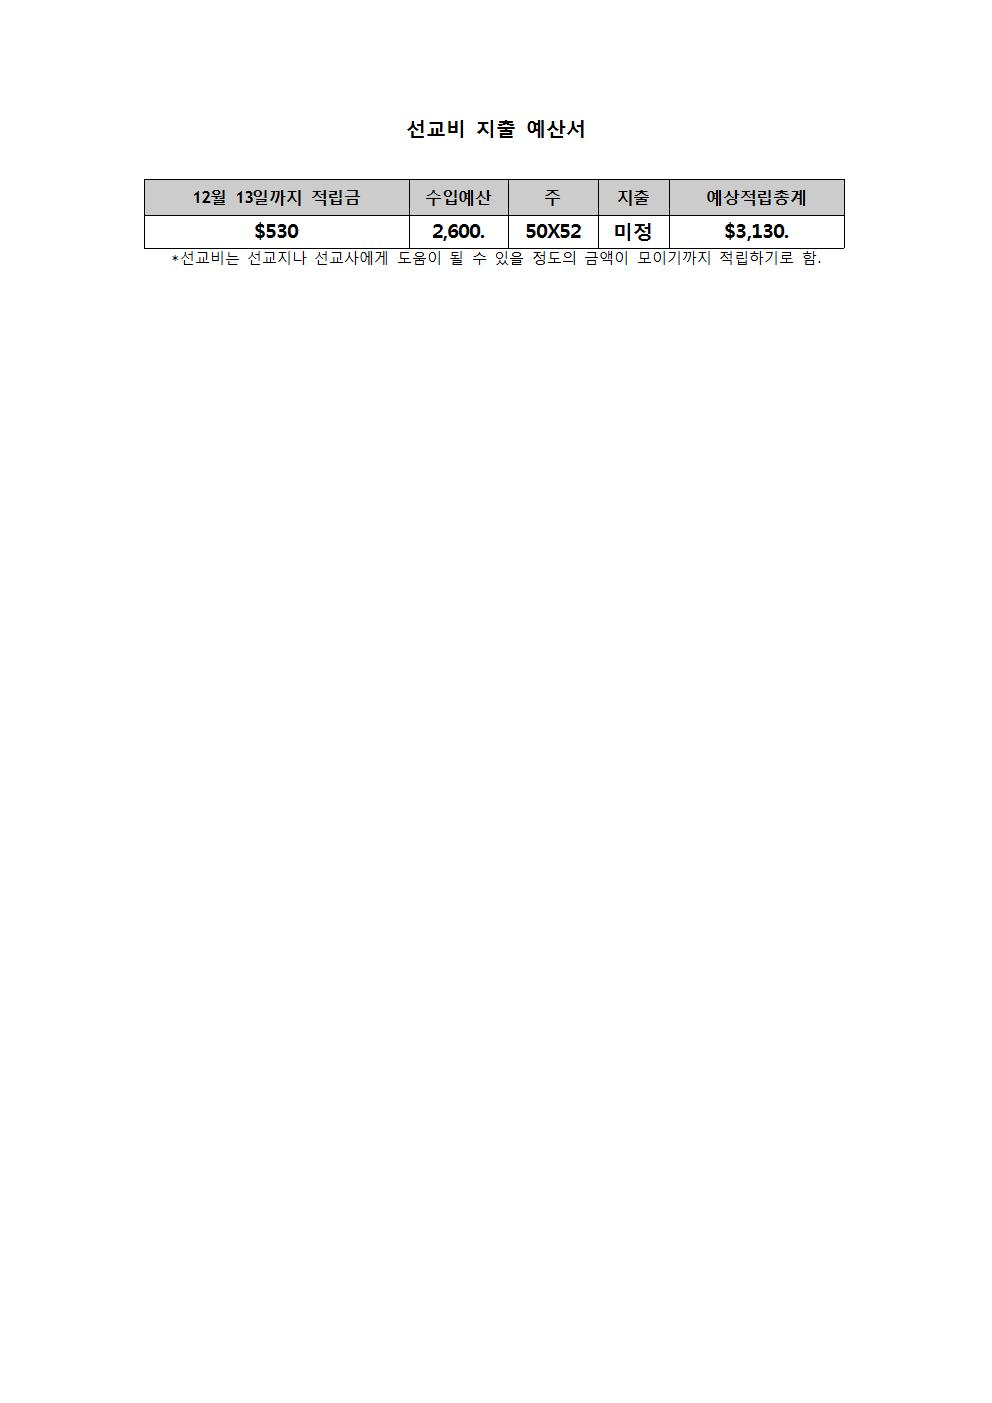 2015년 결산 및 2016년 수입 지출 예산005.jpg